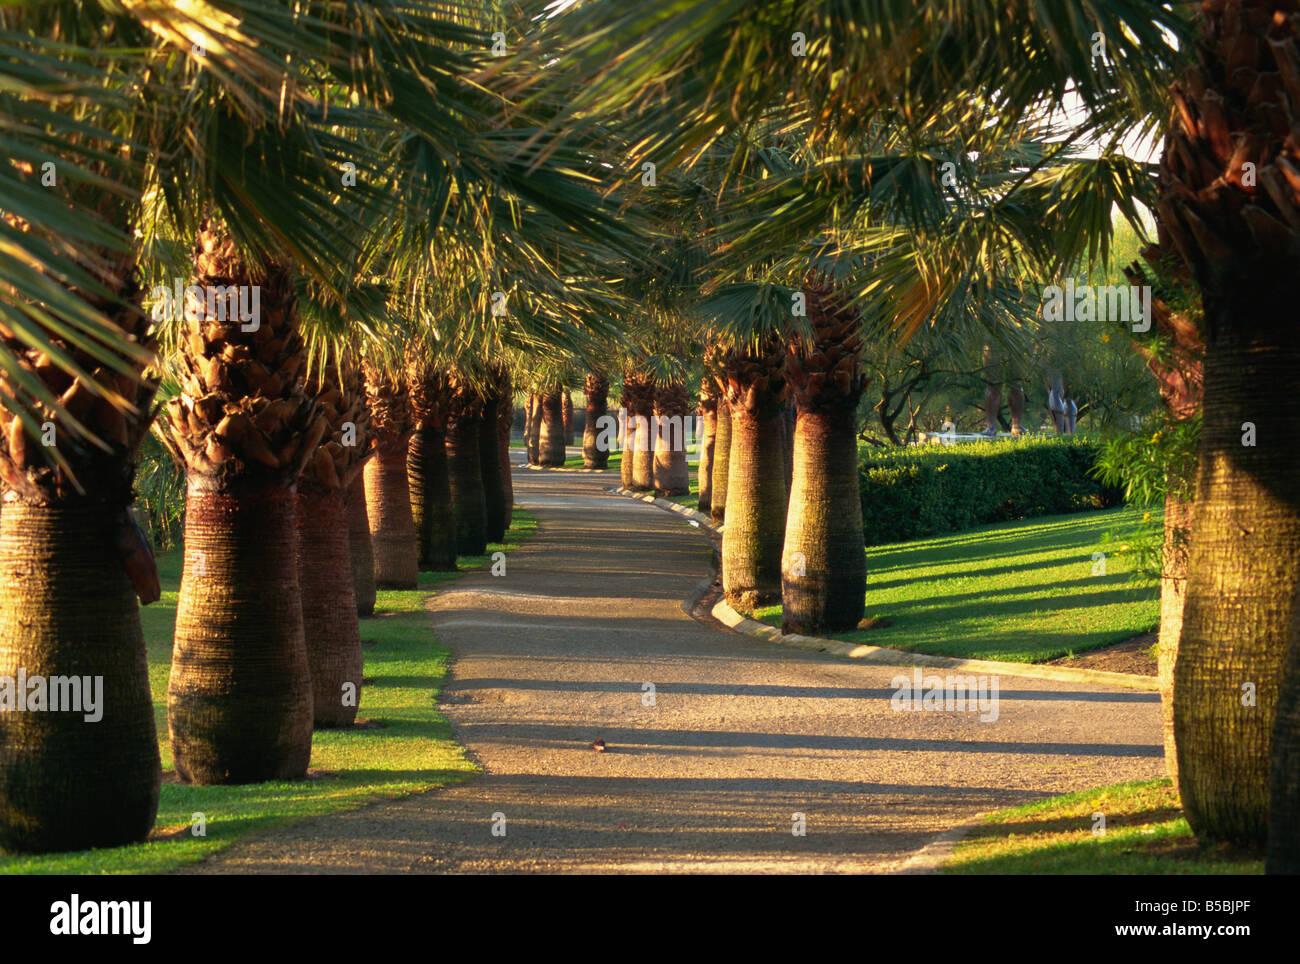 Parque de Los Pueblos de America, Motril, Provinz Granada, Andalusien, Spanien, Europa Stockbild